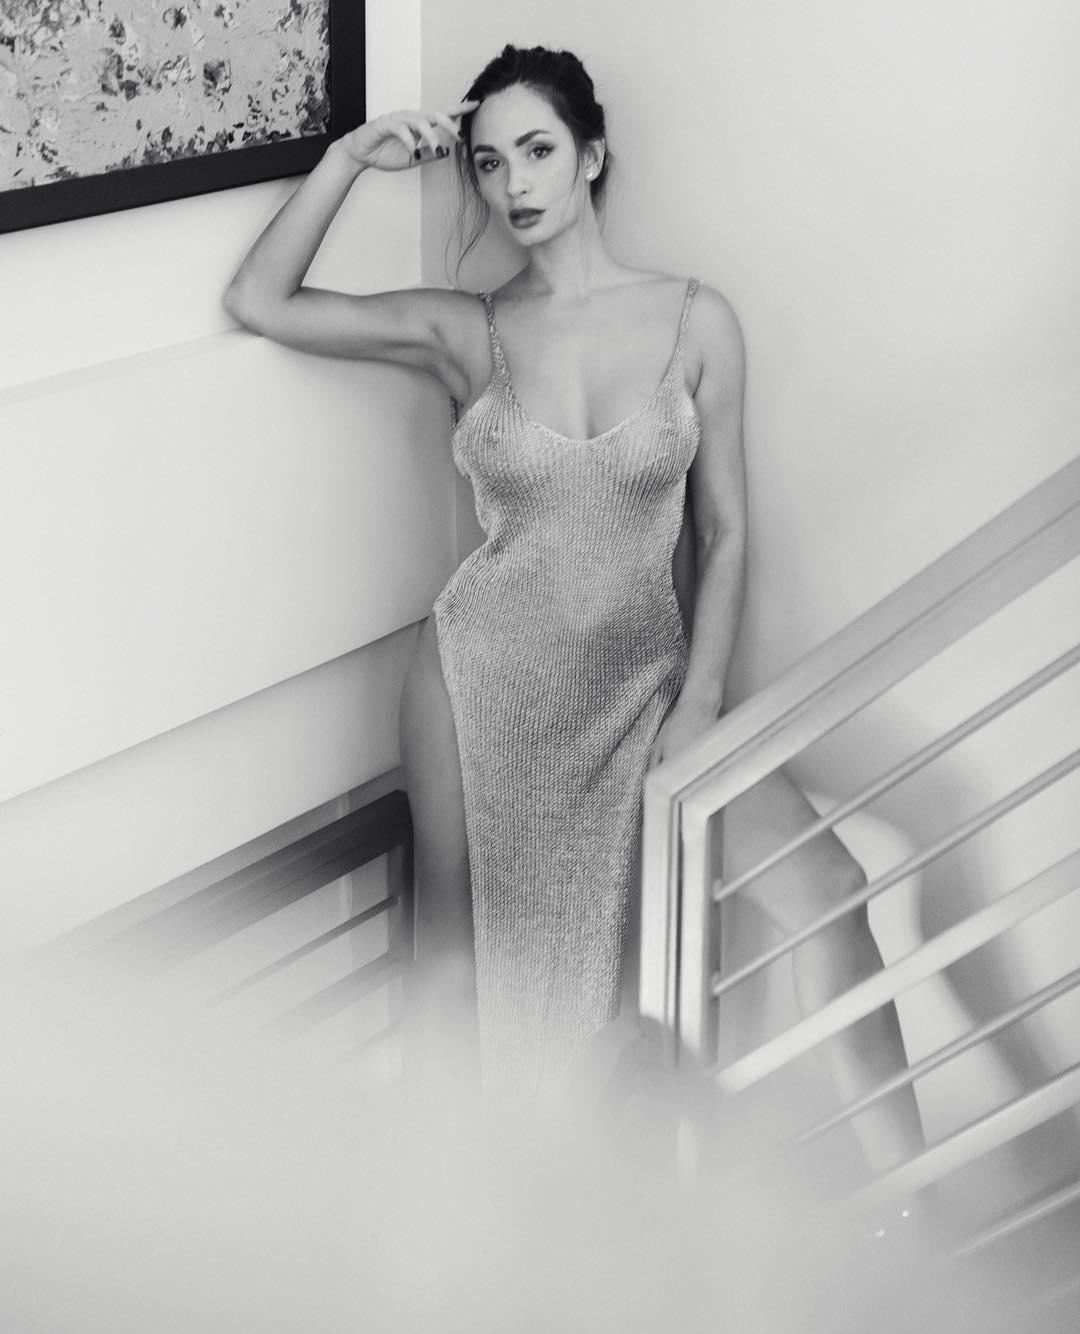 Горячие фото из Instagram Рози Рофф